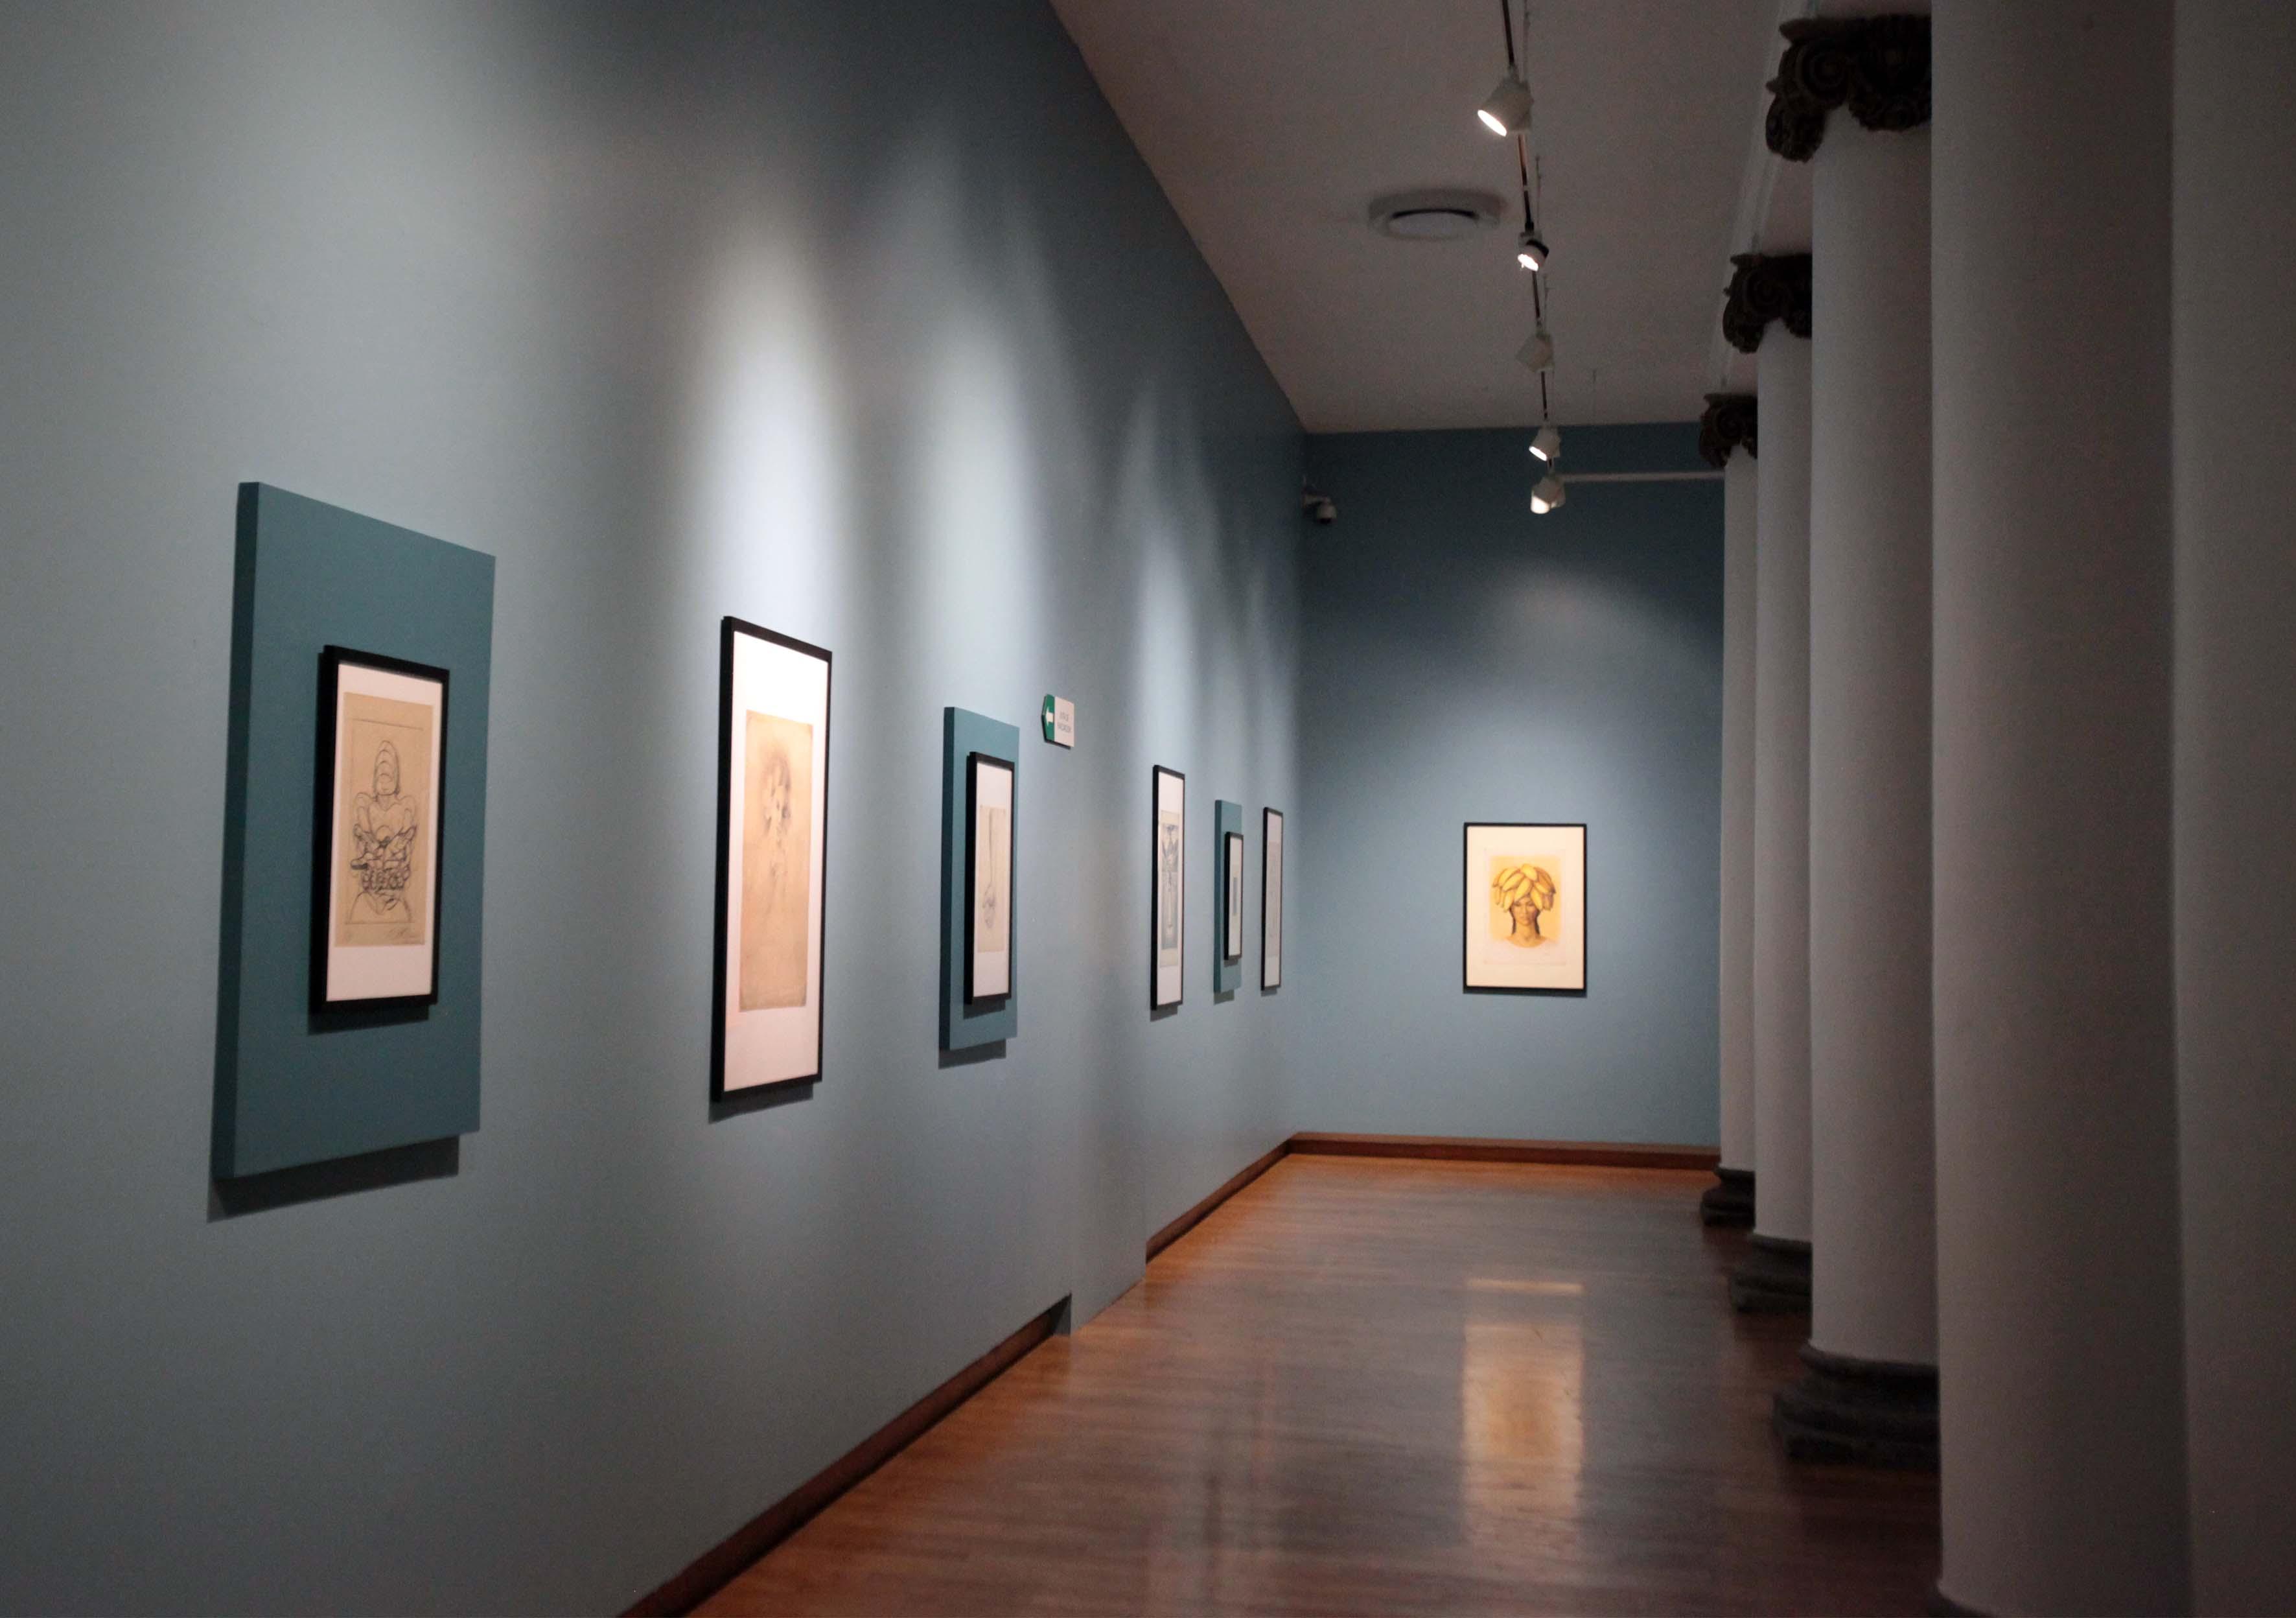 Vista panoramicas de uno de los pasillos del MUSA, donde se expone parte del patrimonio artisitico unversitario.